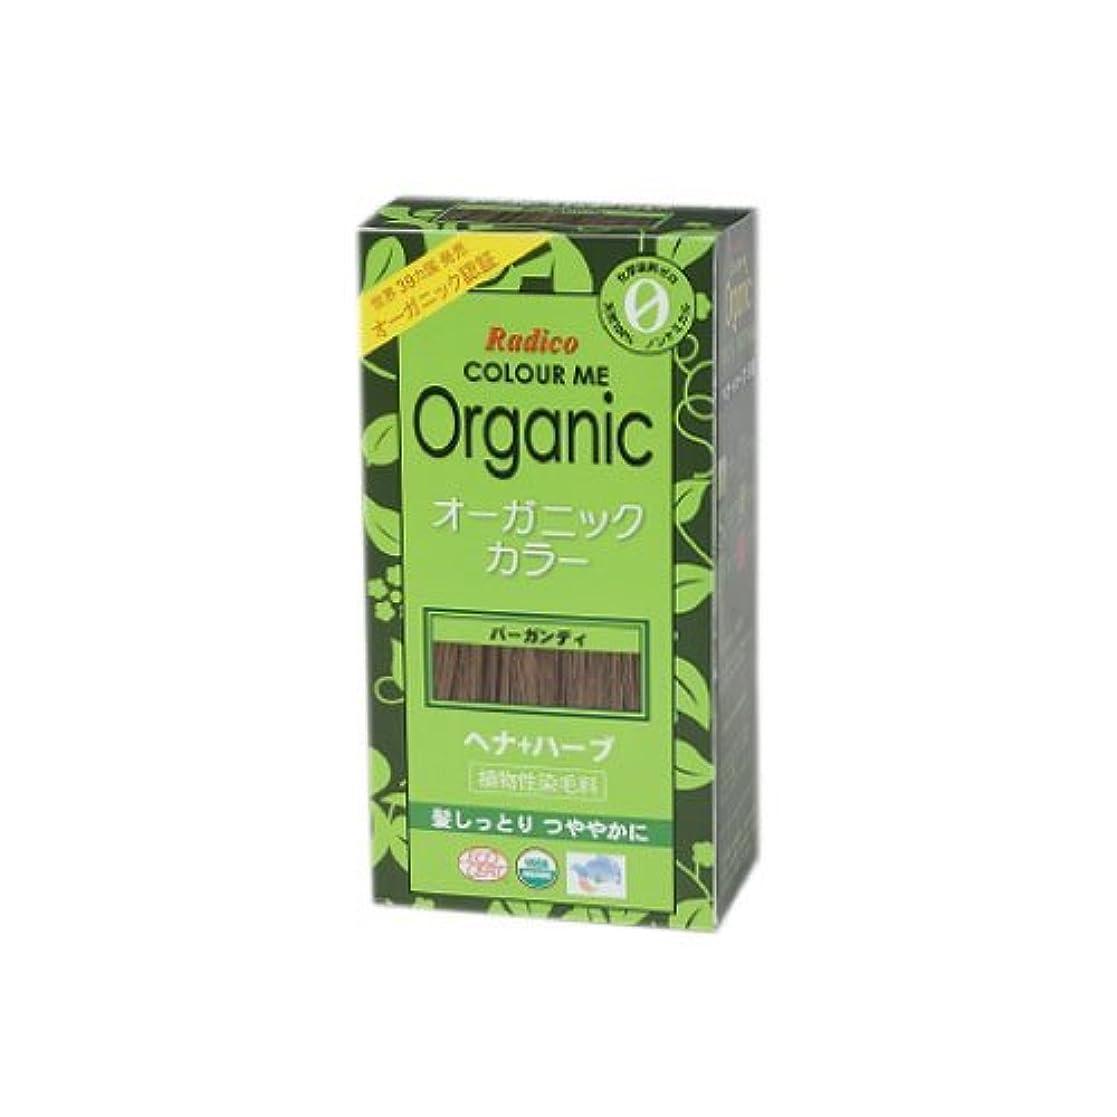 等々天皇トランザクションCOLOURME Organic (カラーミーオーガニック ヘナ 白髪用) バーガンディ 100g